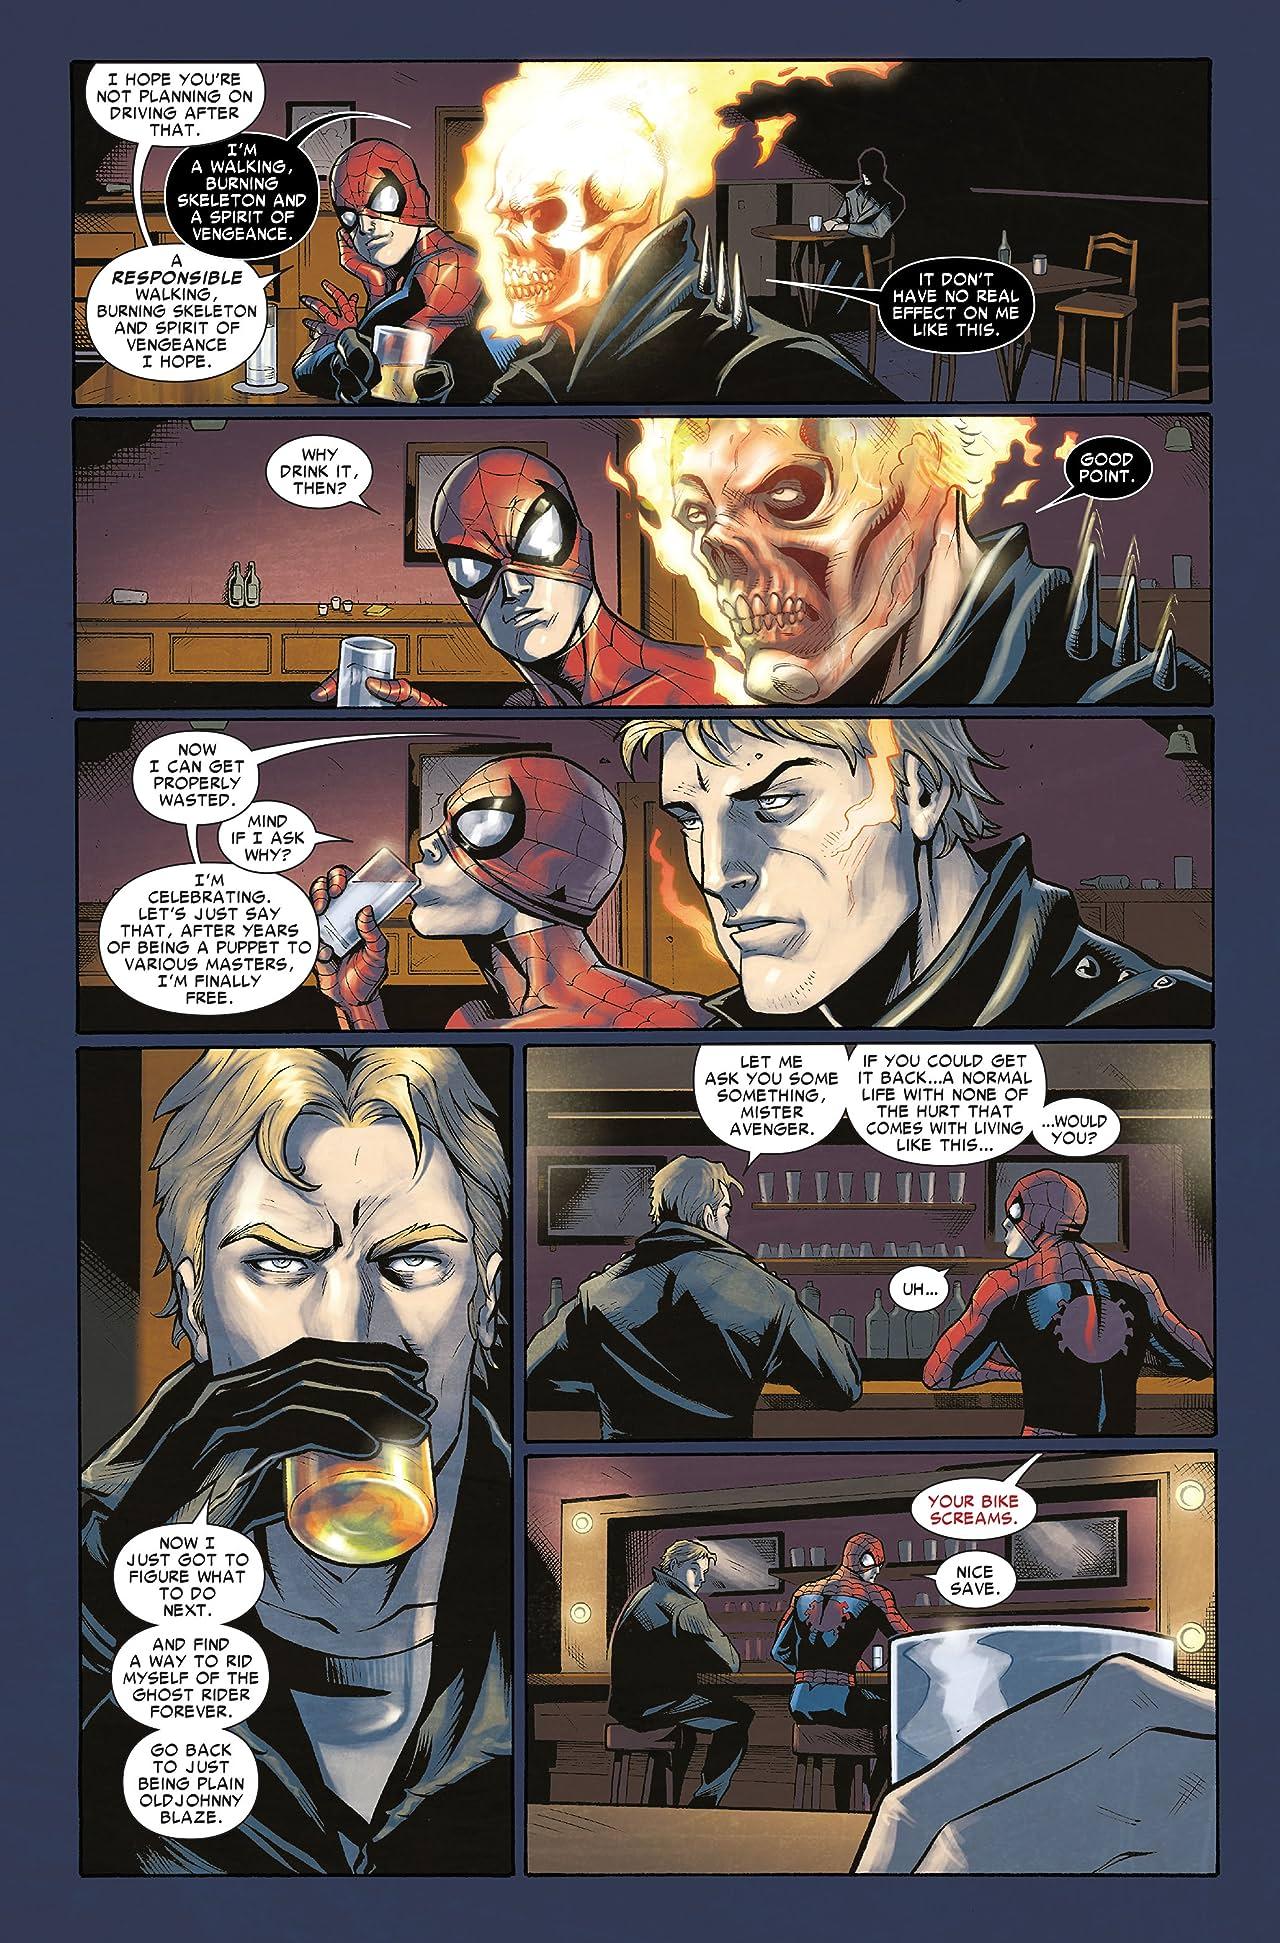 Amazing Spider-Man/Ghost Rider: Motorstorm